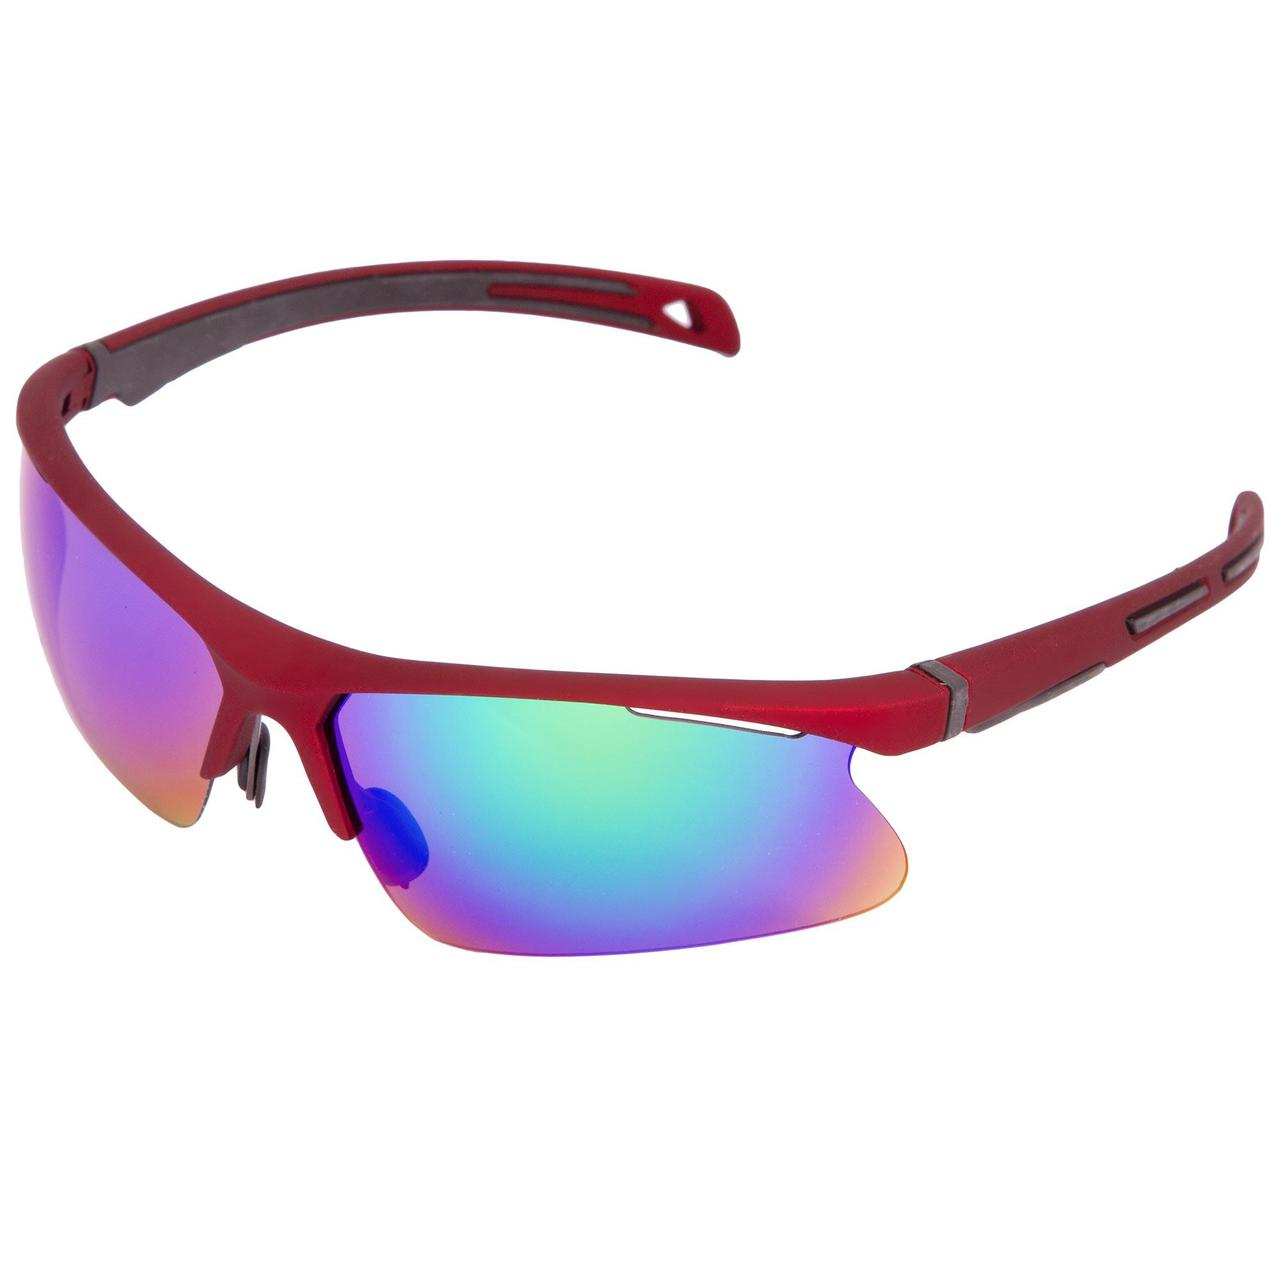 Окуляри спортивні сонцезахисні BC-1207 (пластик, акрил, кольори в асортименті)